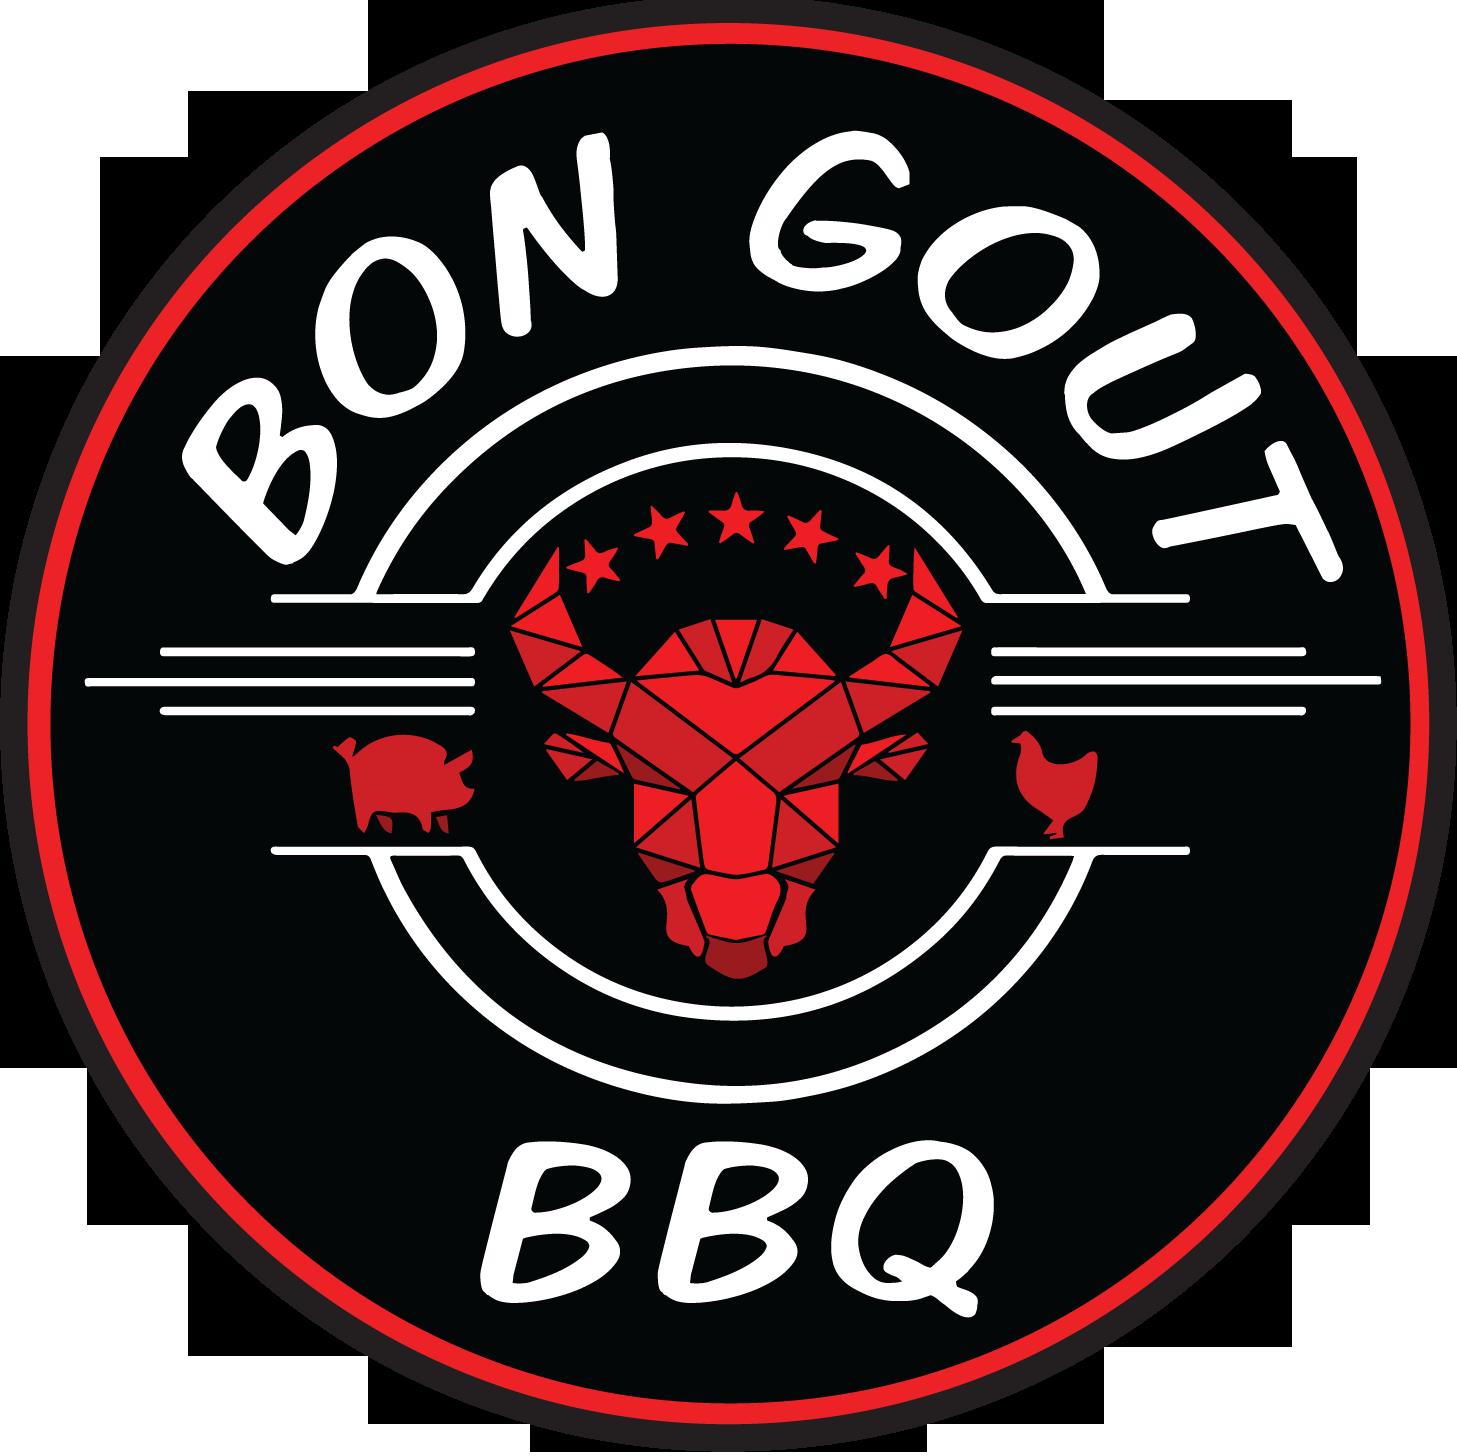 bon-gout-logo-circle.png